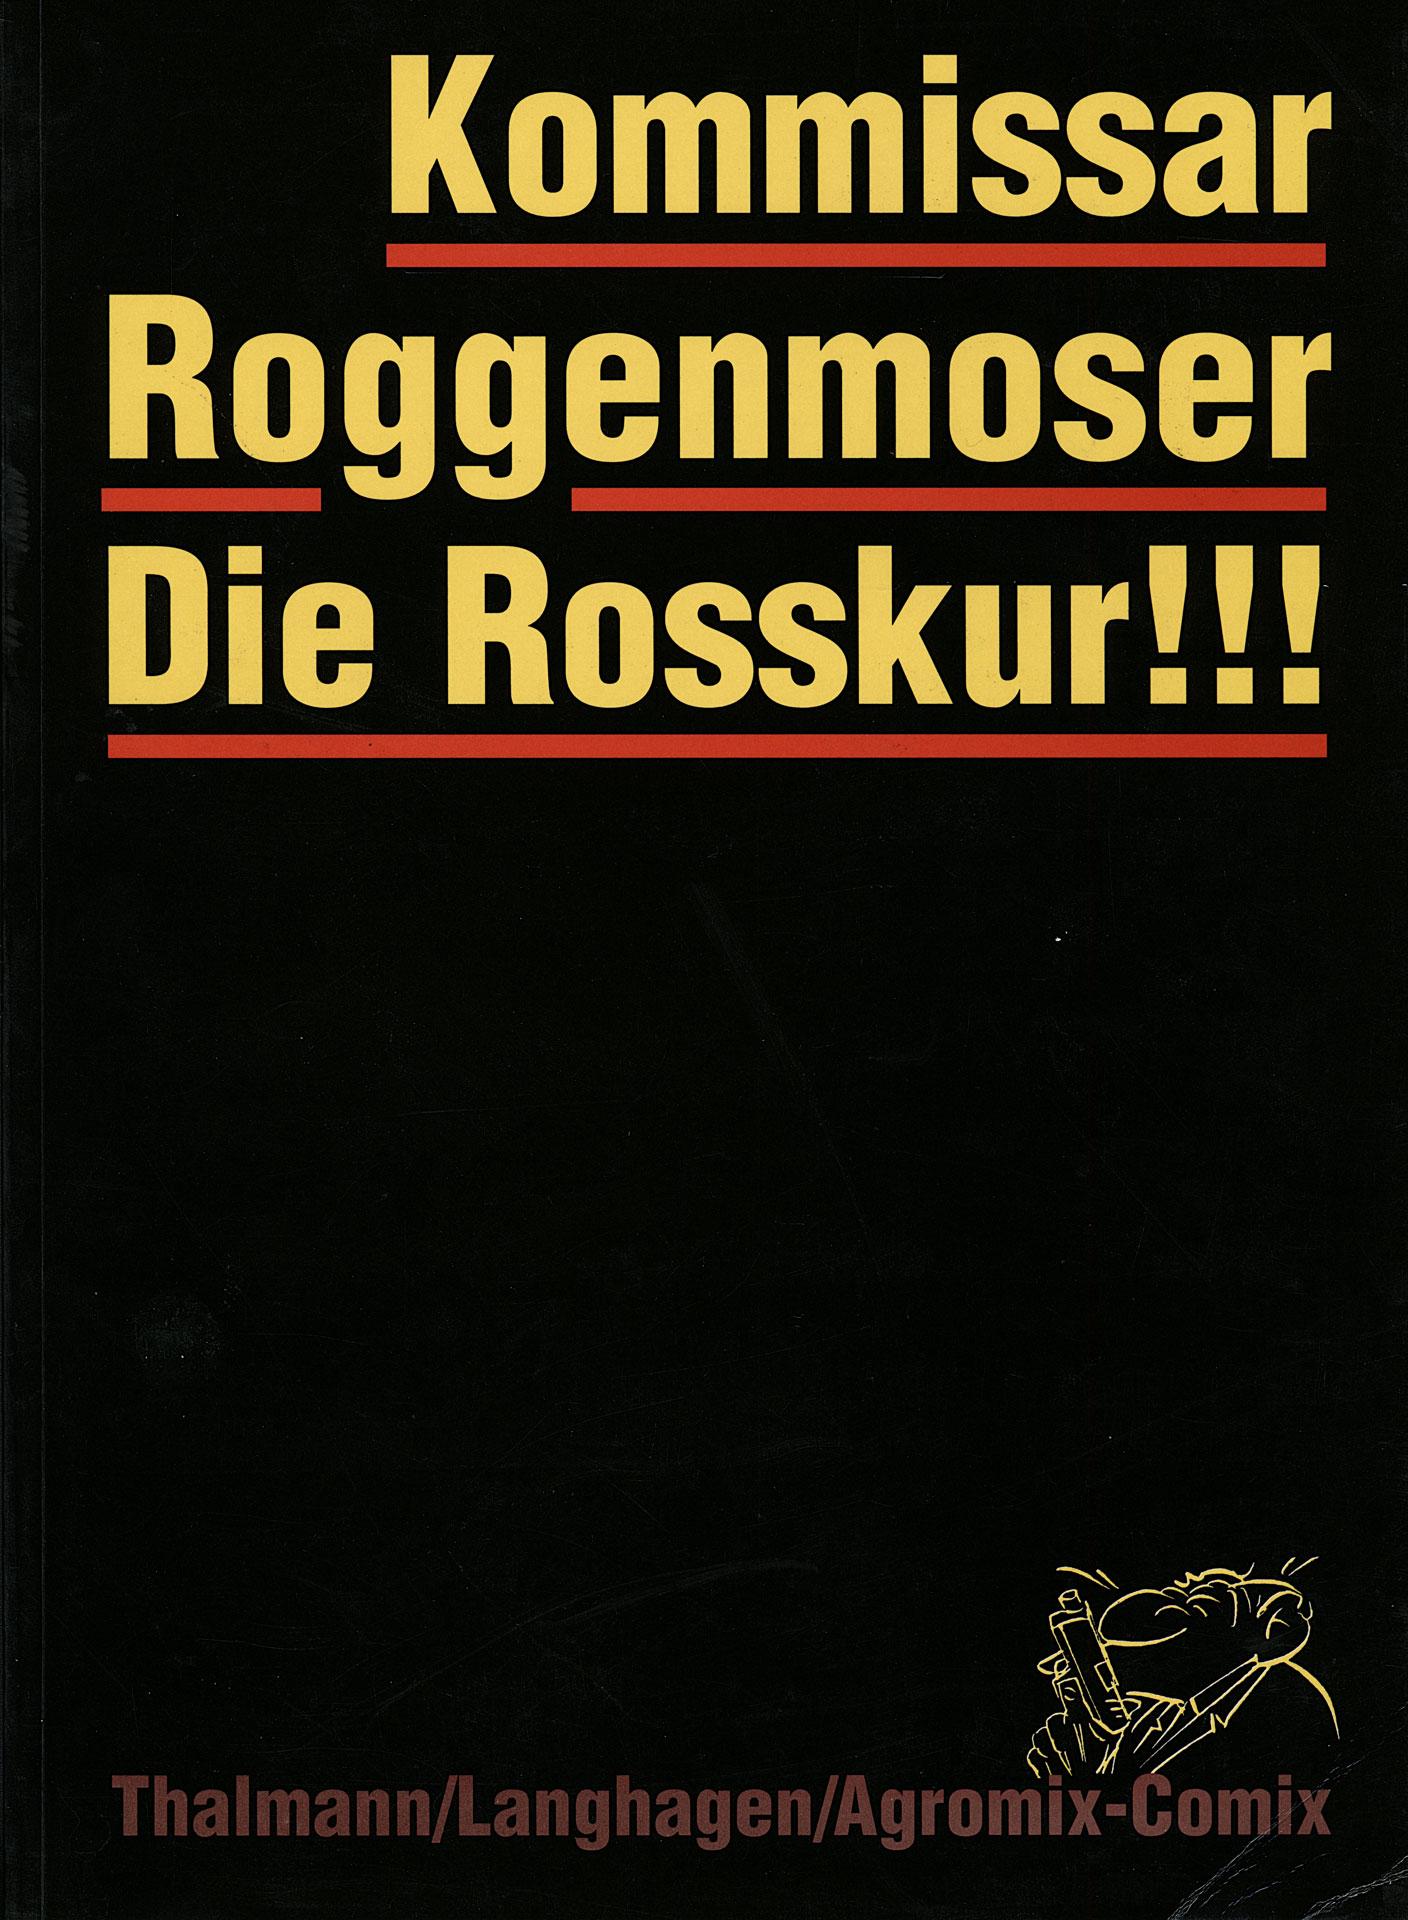 Kommissar-Roggenmoser2